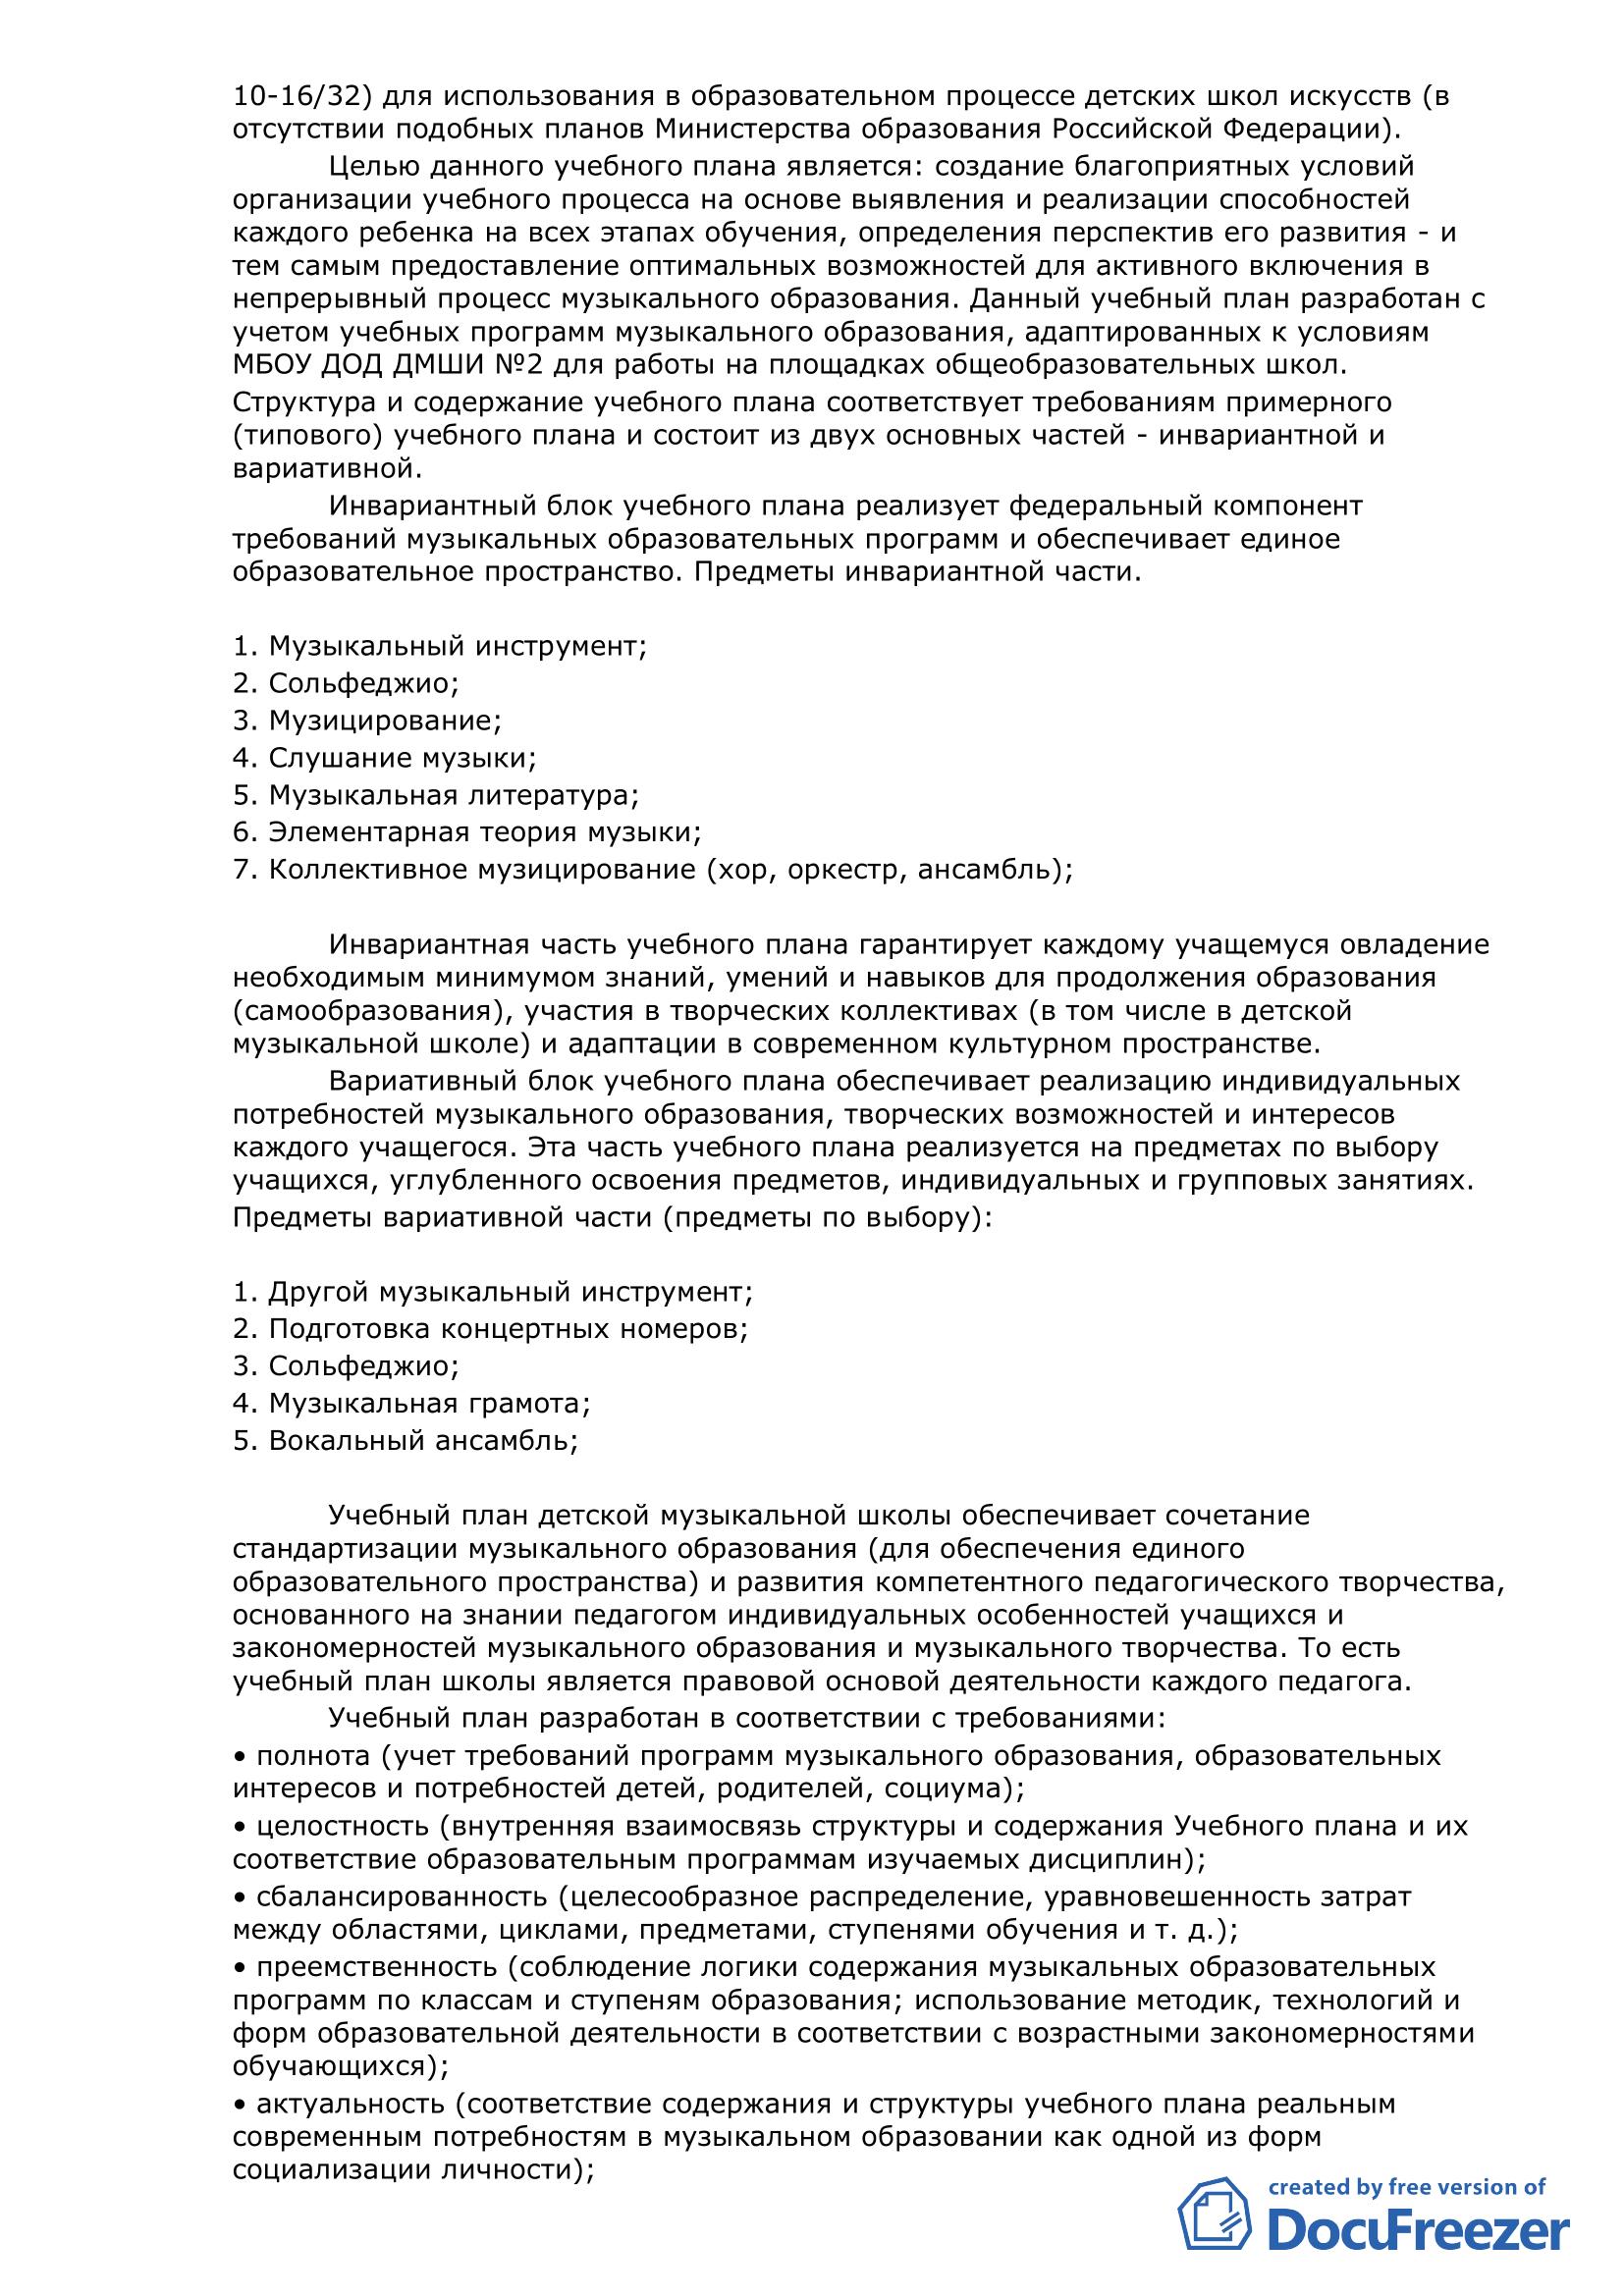 Образовательная программа ДМШ №2_5